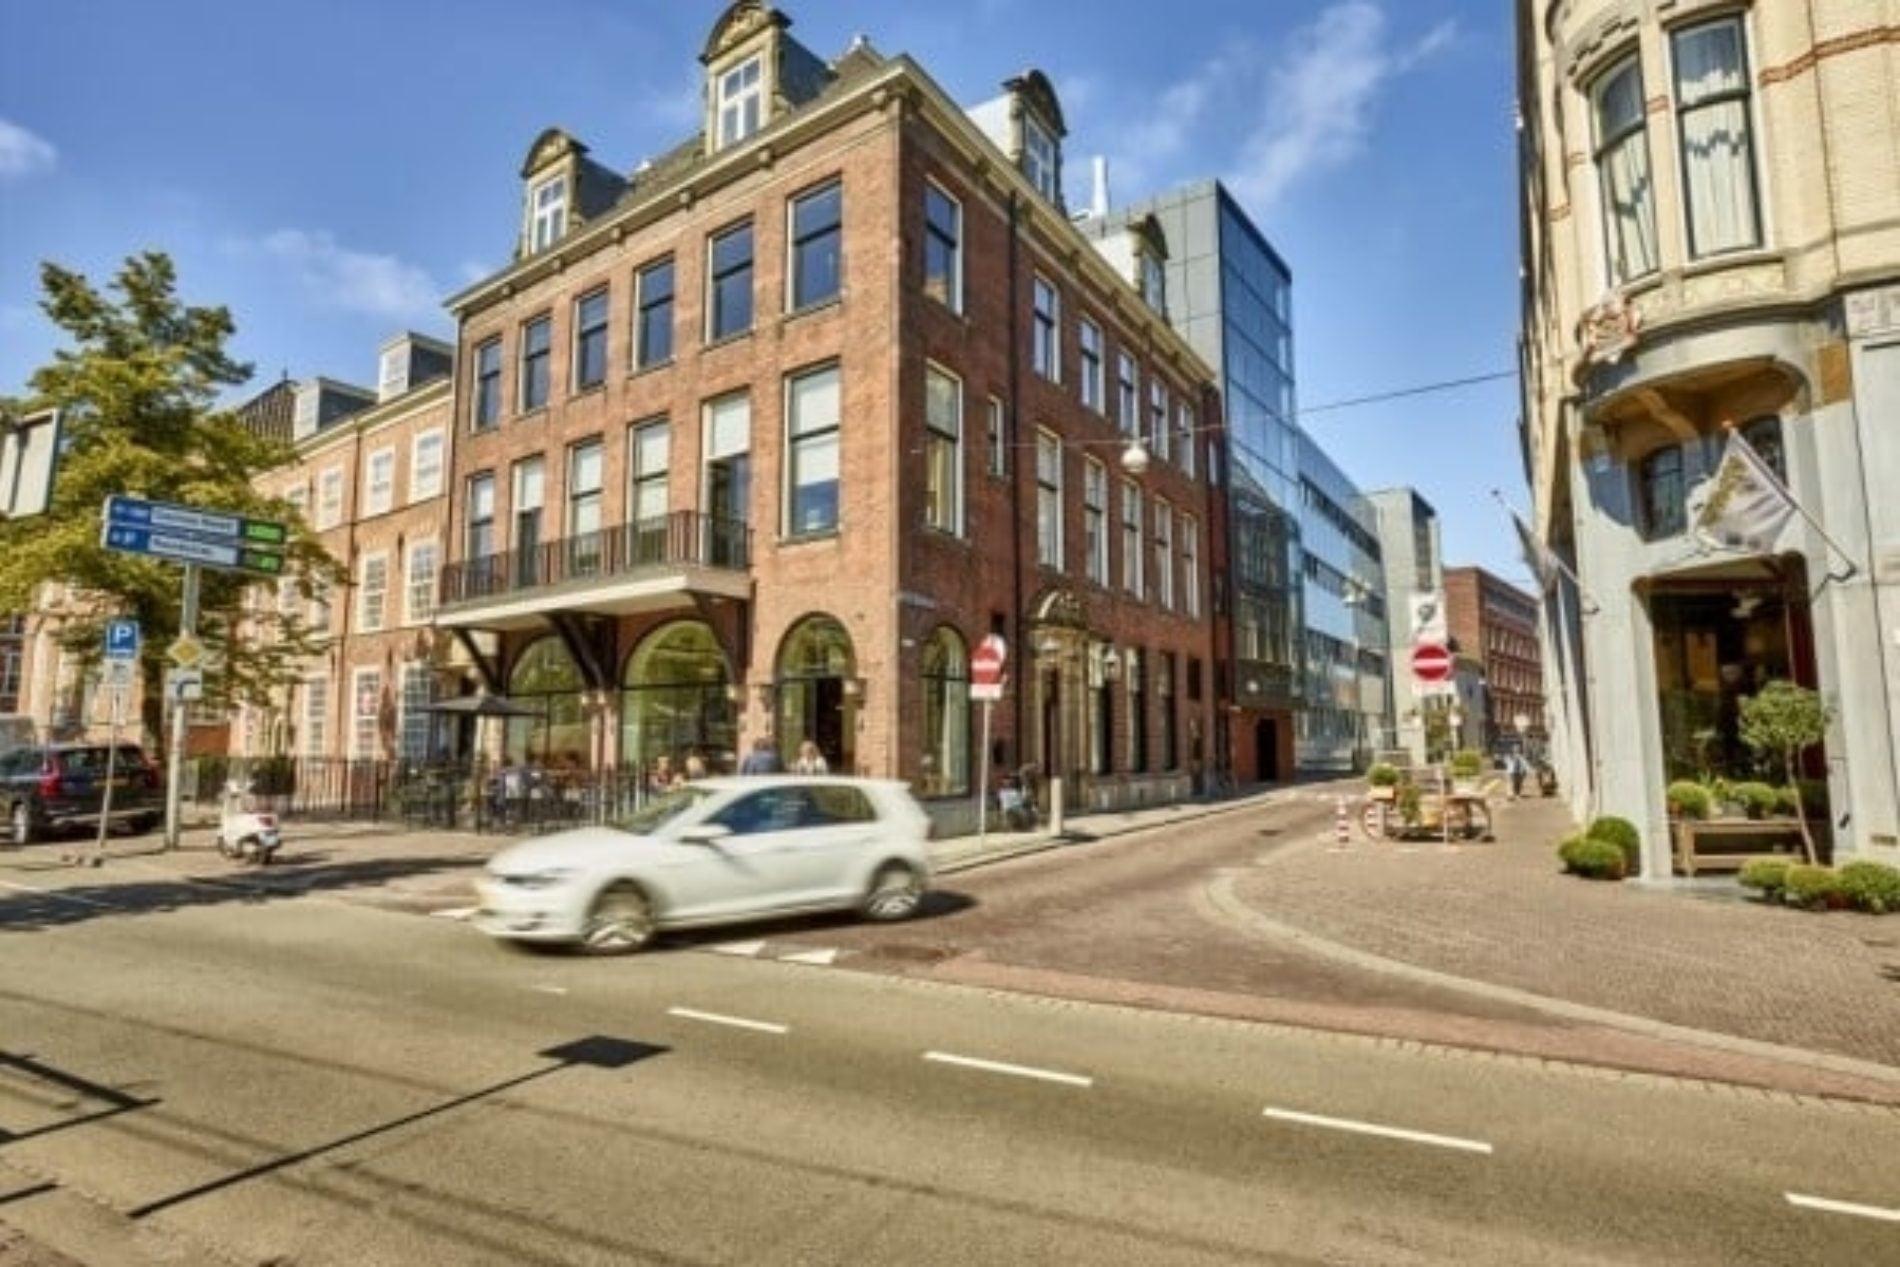 Woehr Den Haag Parksafe583 1 54459E94